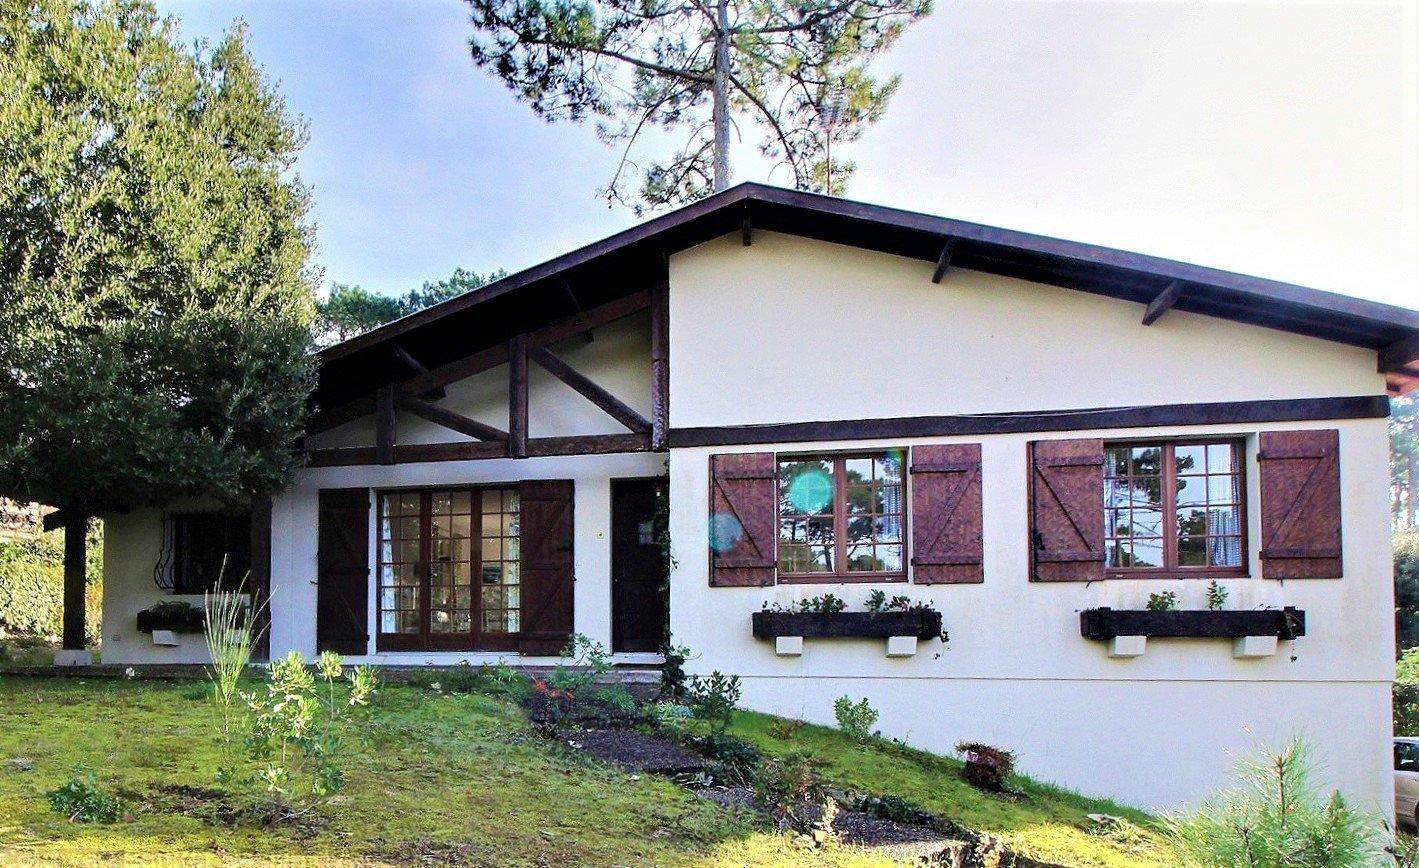 maison typique pylataise 5 chambres a vendre pyla sur mer